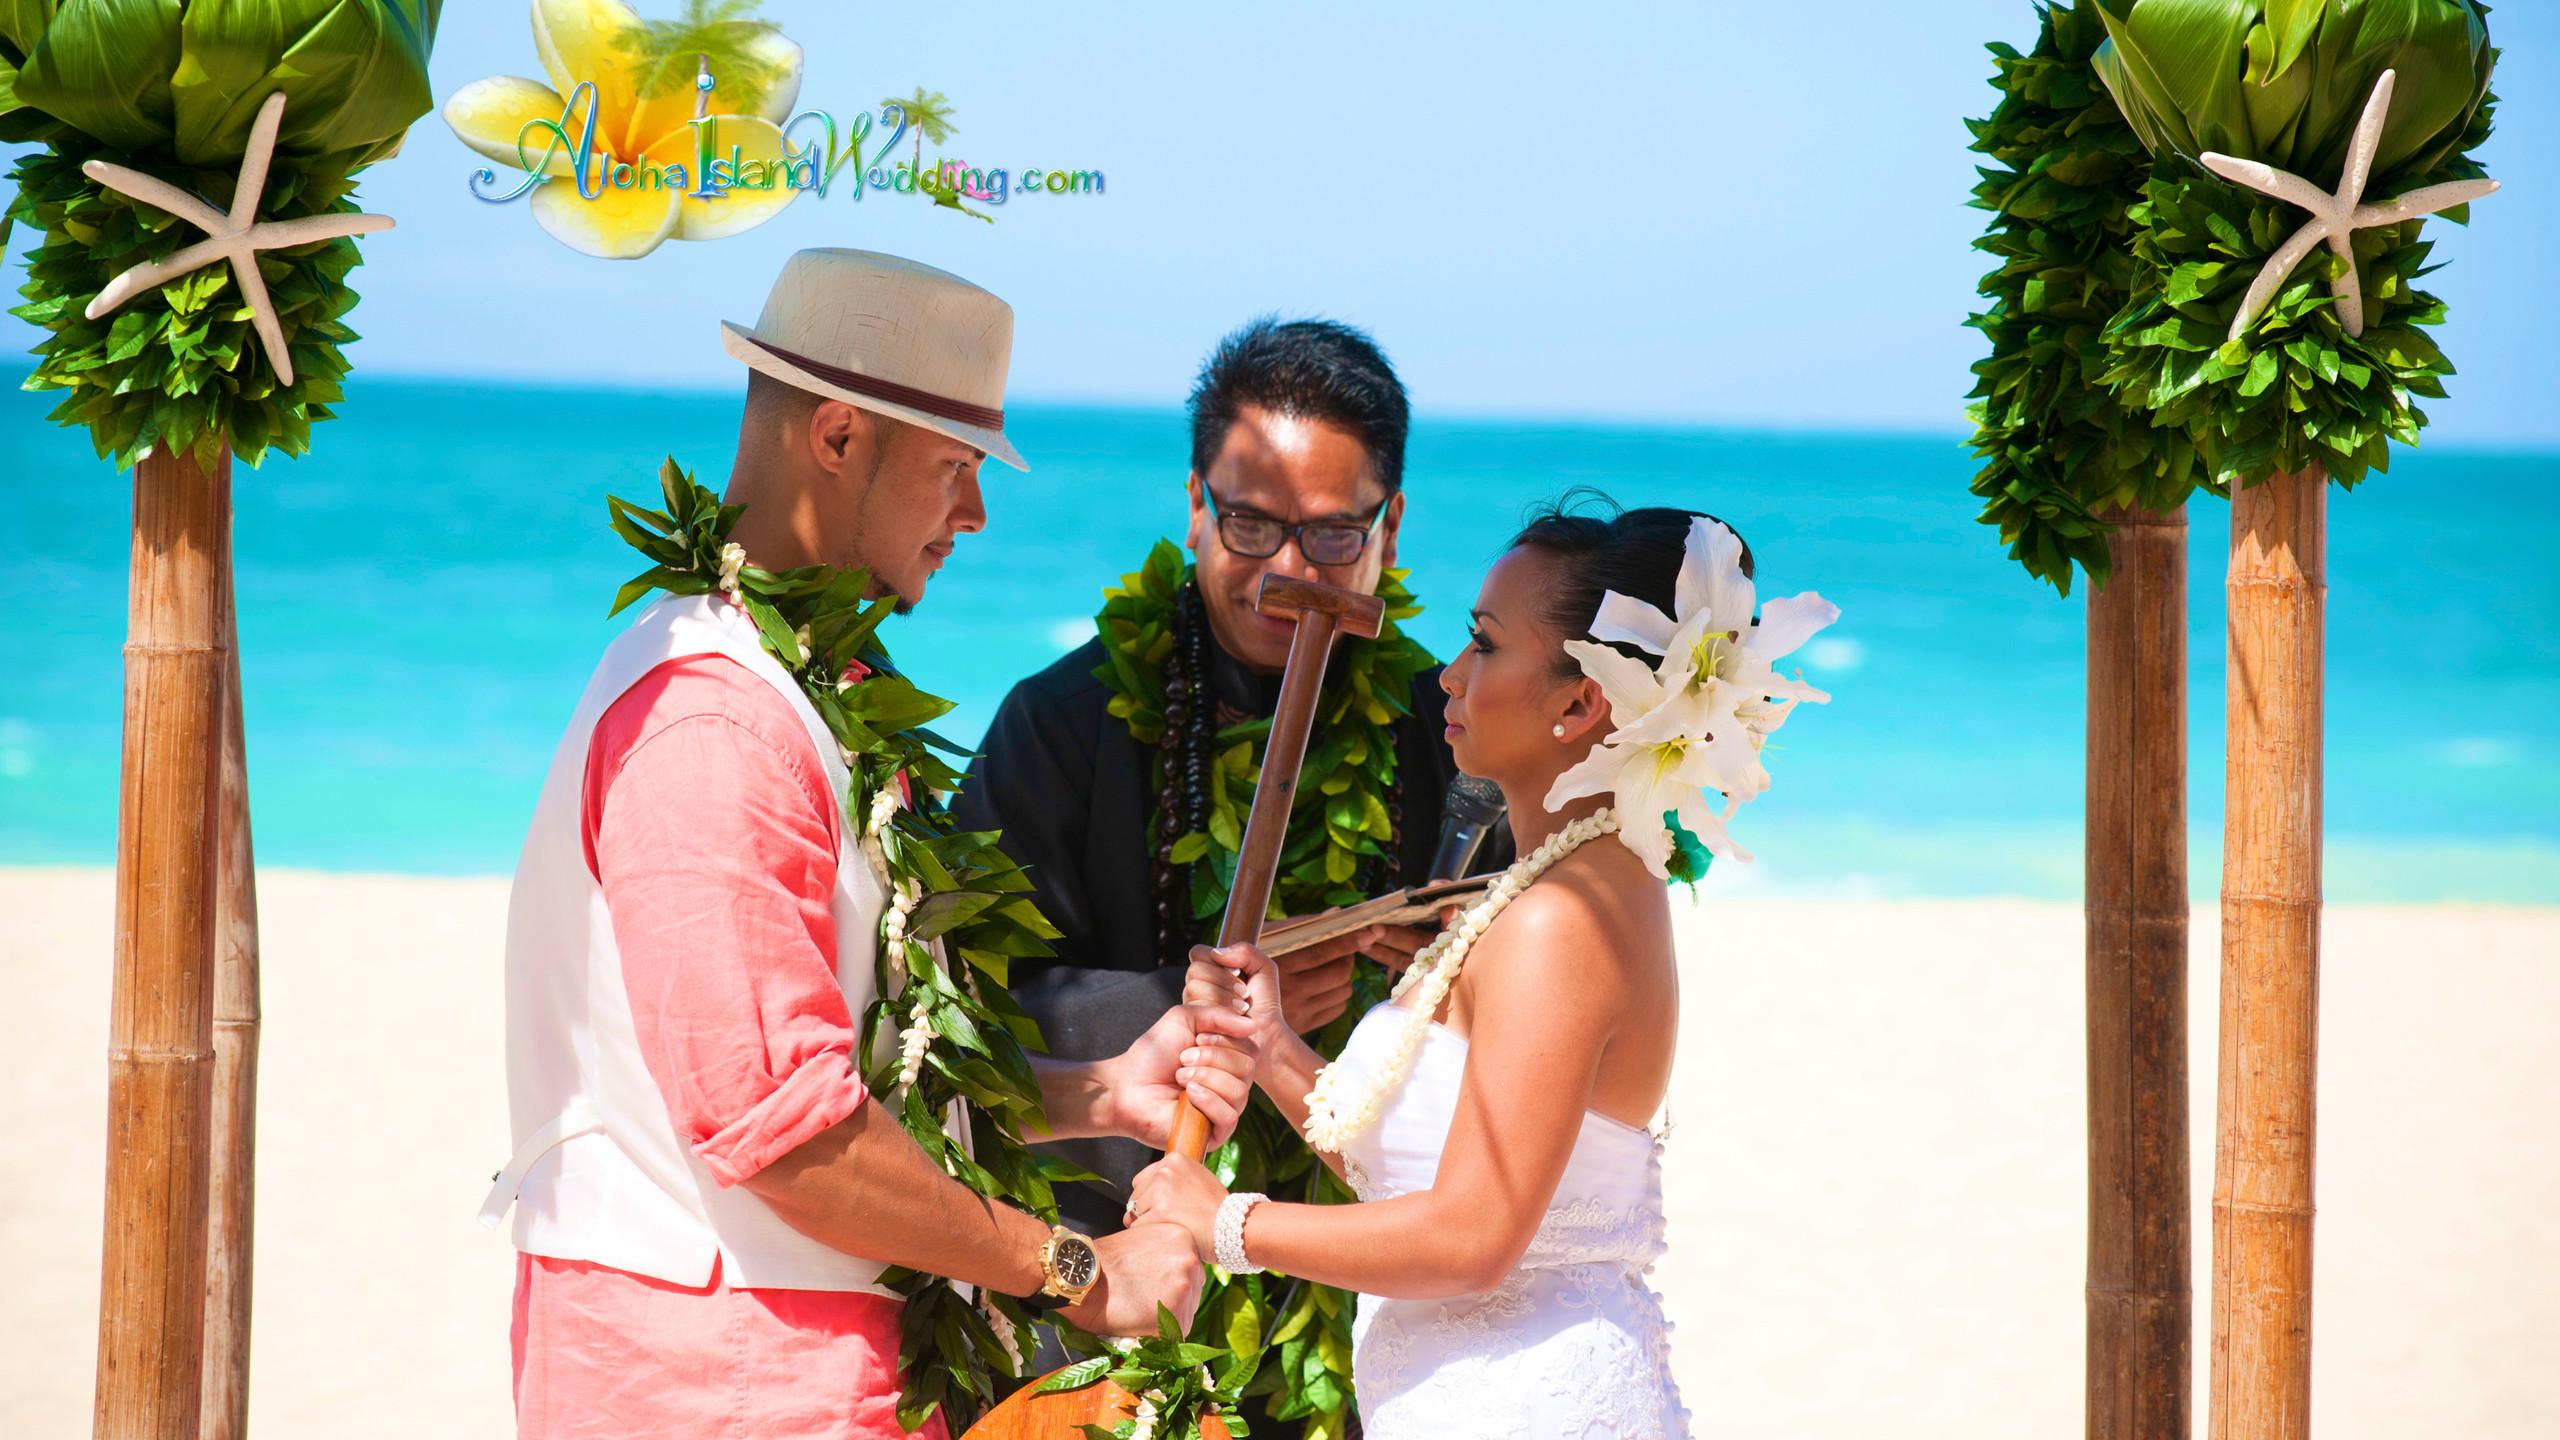 Hawaiian wedding ceremony